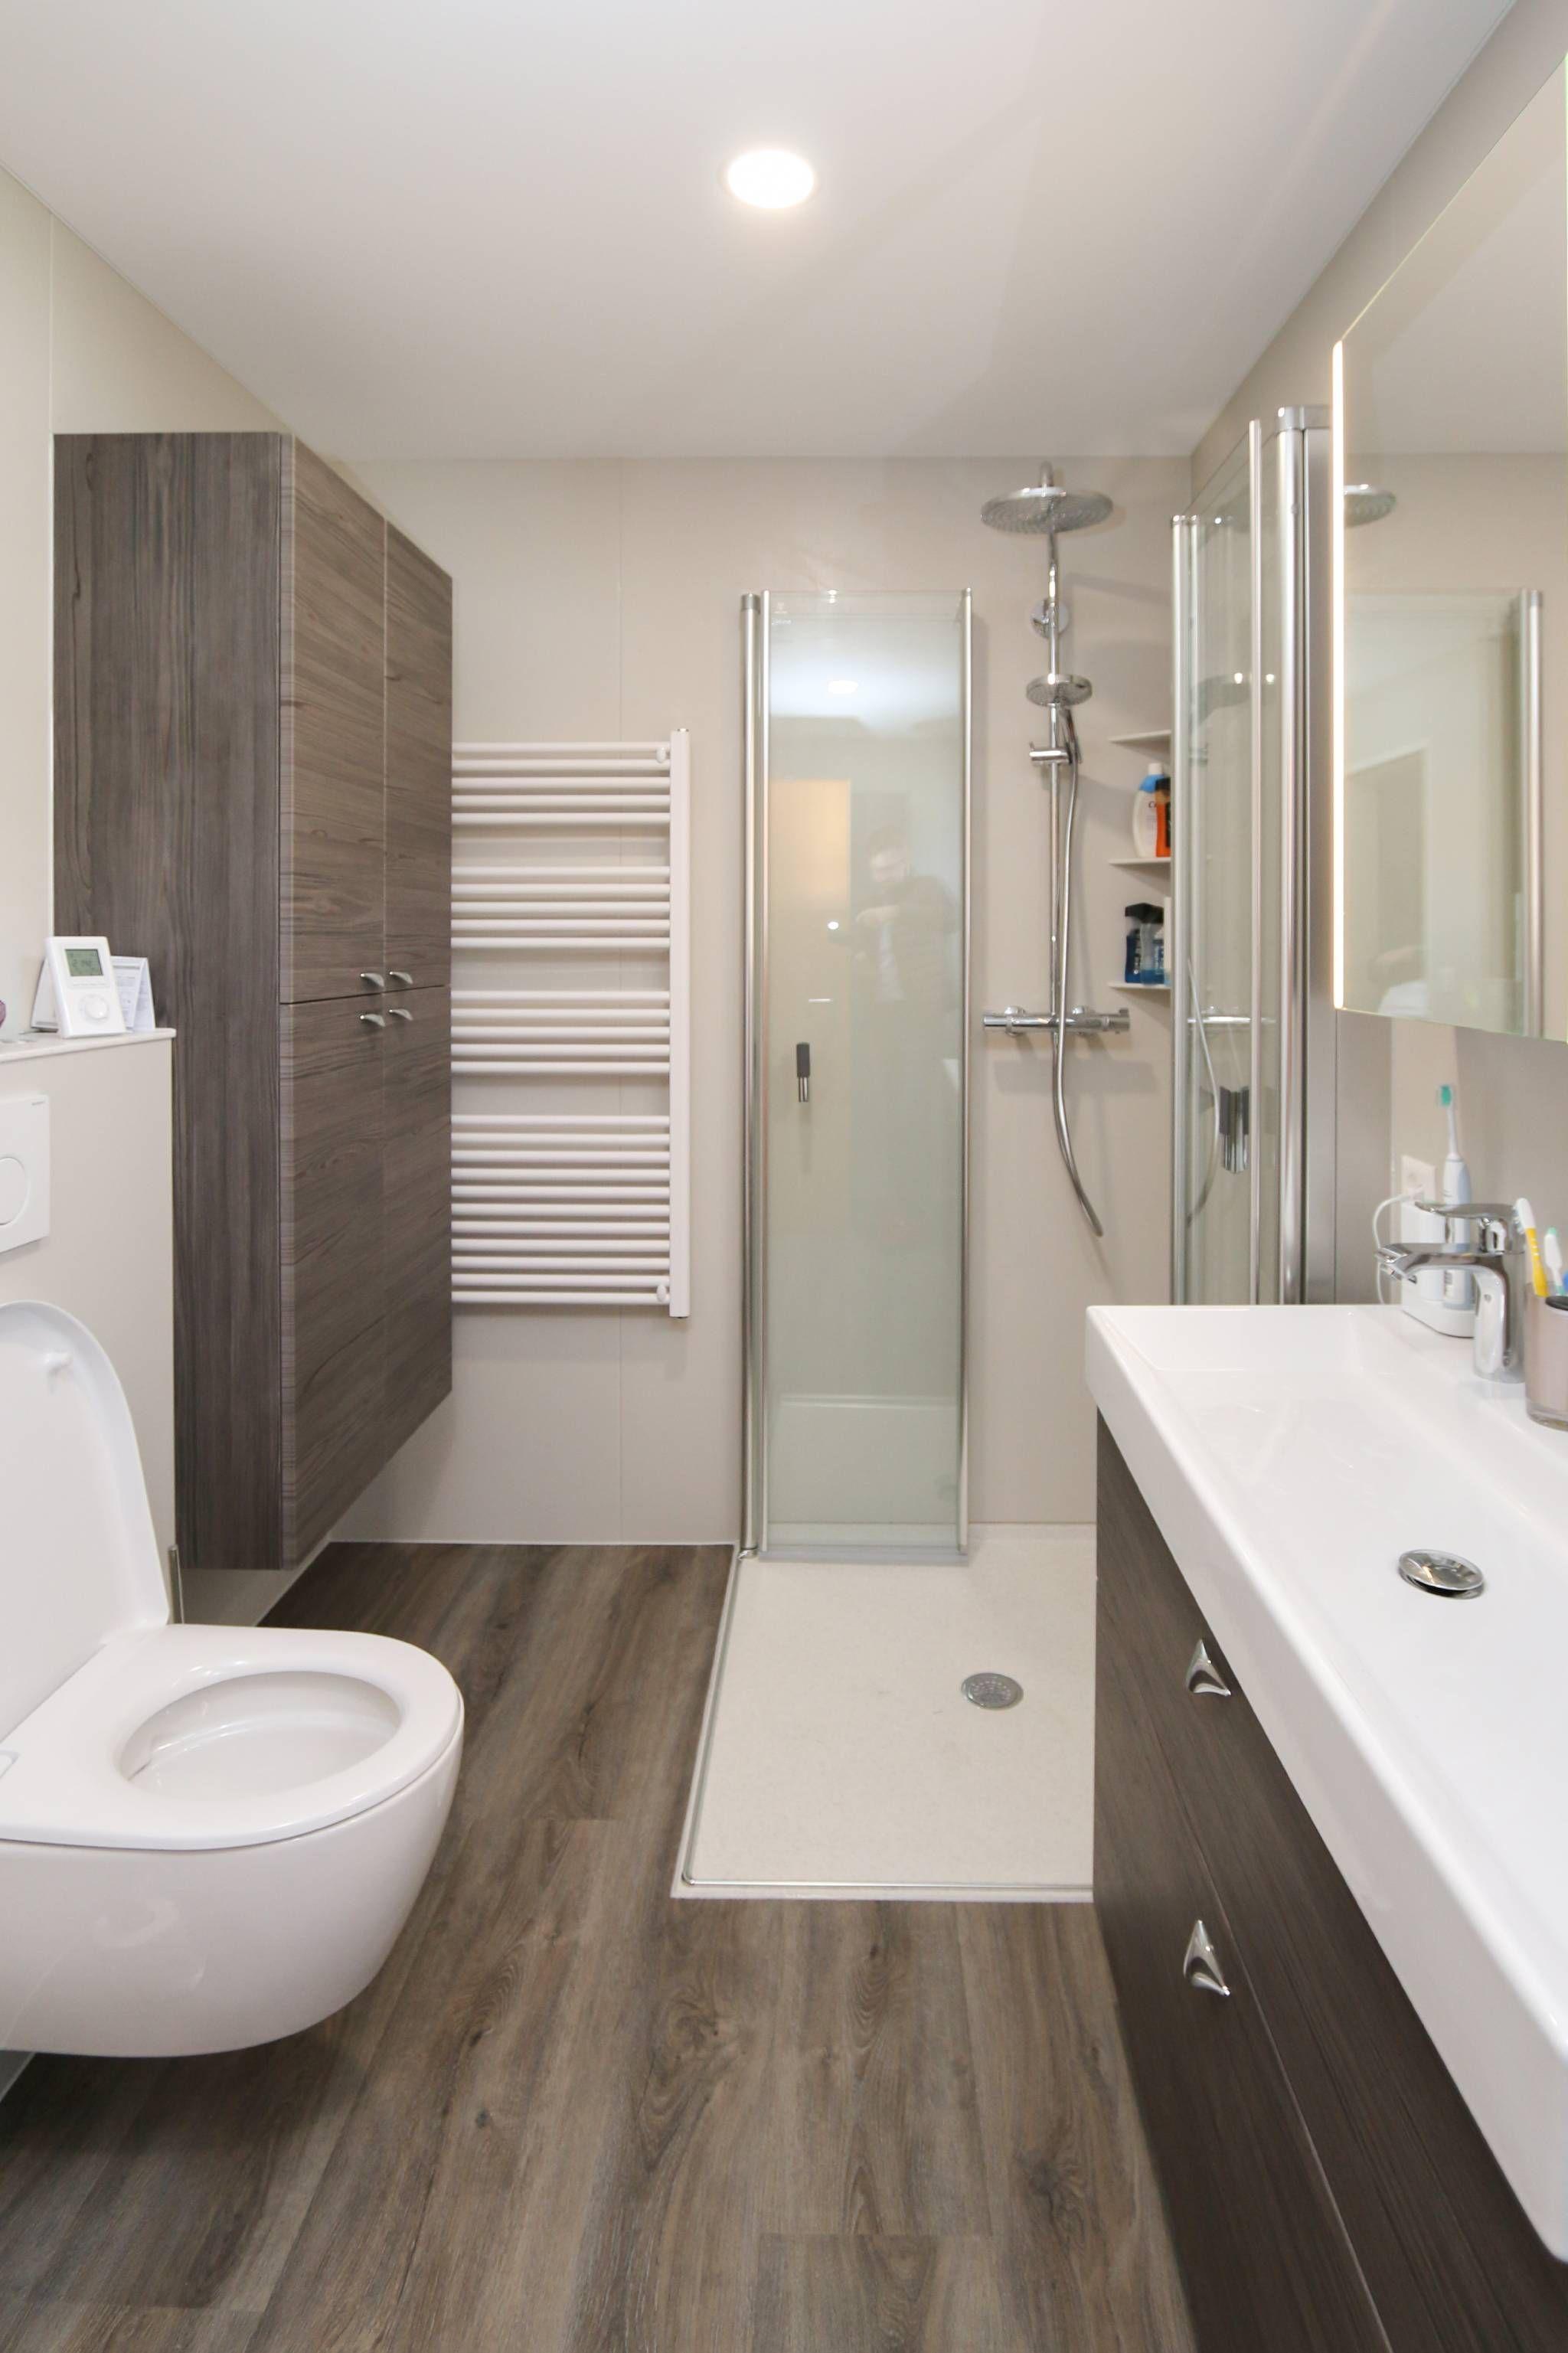 Komplettbadsanierung Von Viterma In 24h Kleine Badezimmer Design Badezimmer Renovieren Badezimmer Design